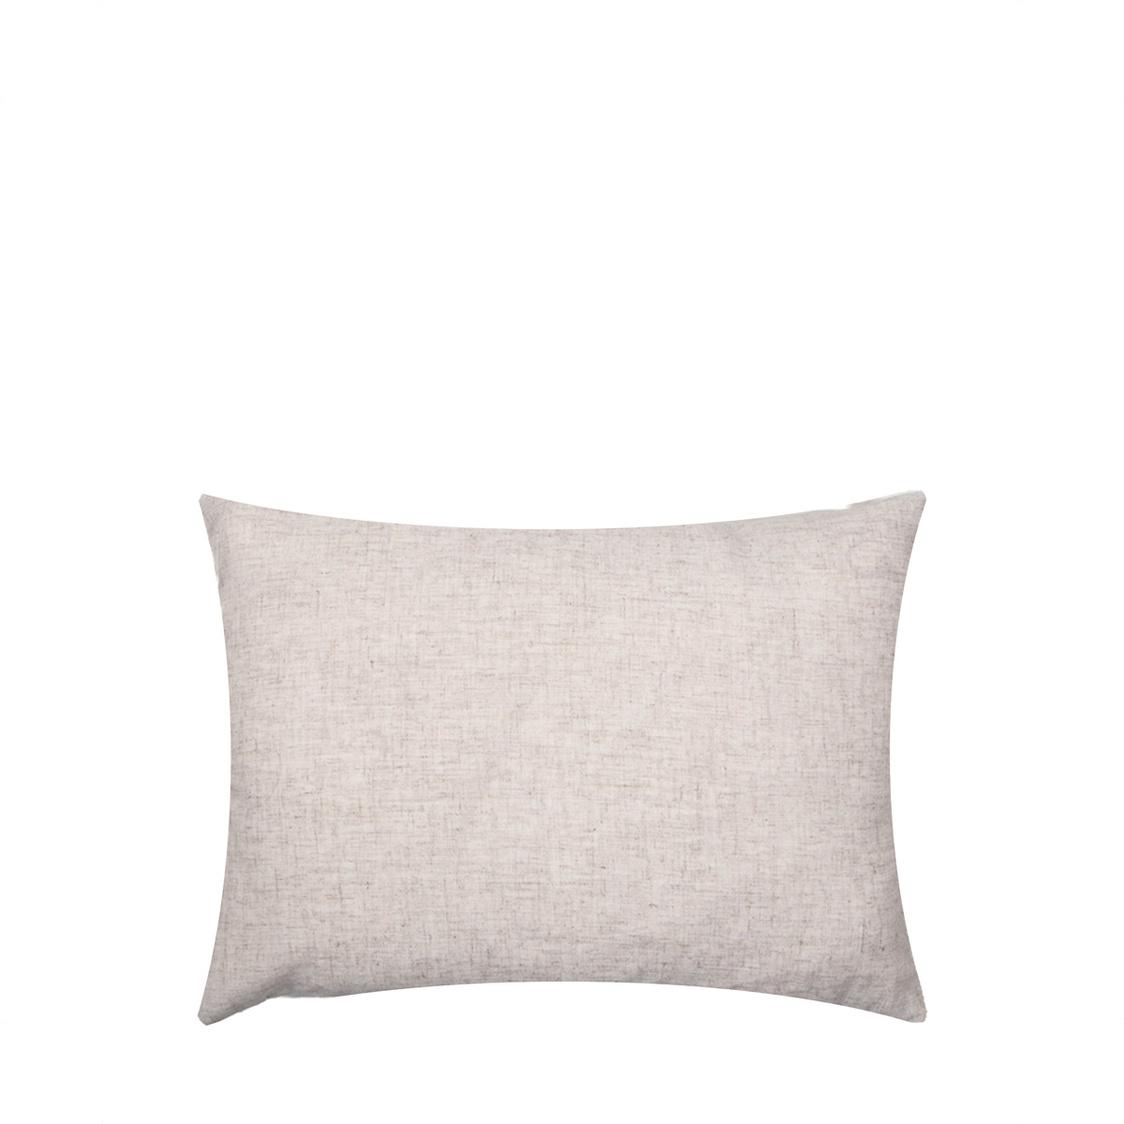 JRapee Lindie Oblong Cushion Natural 33x45cm